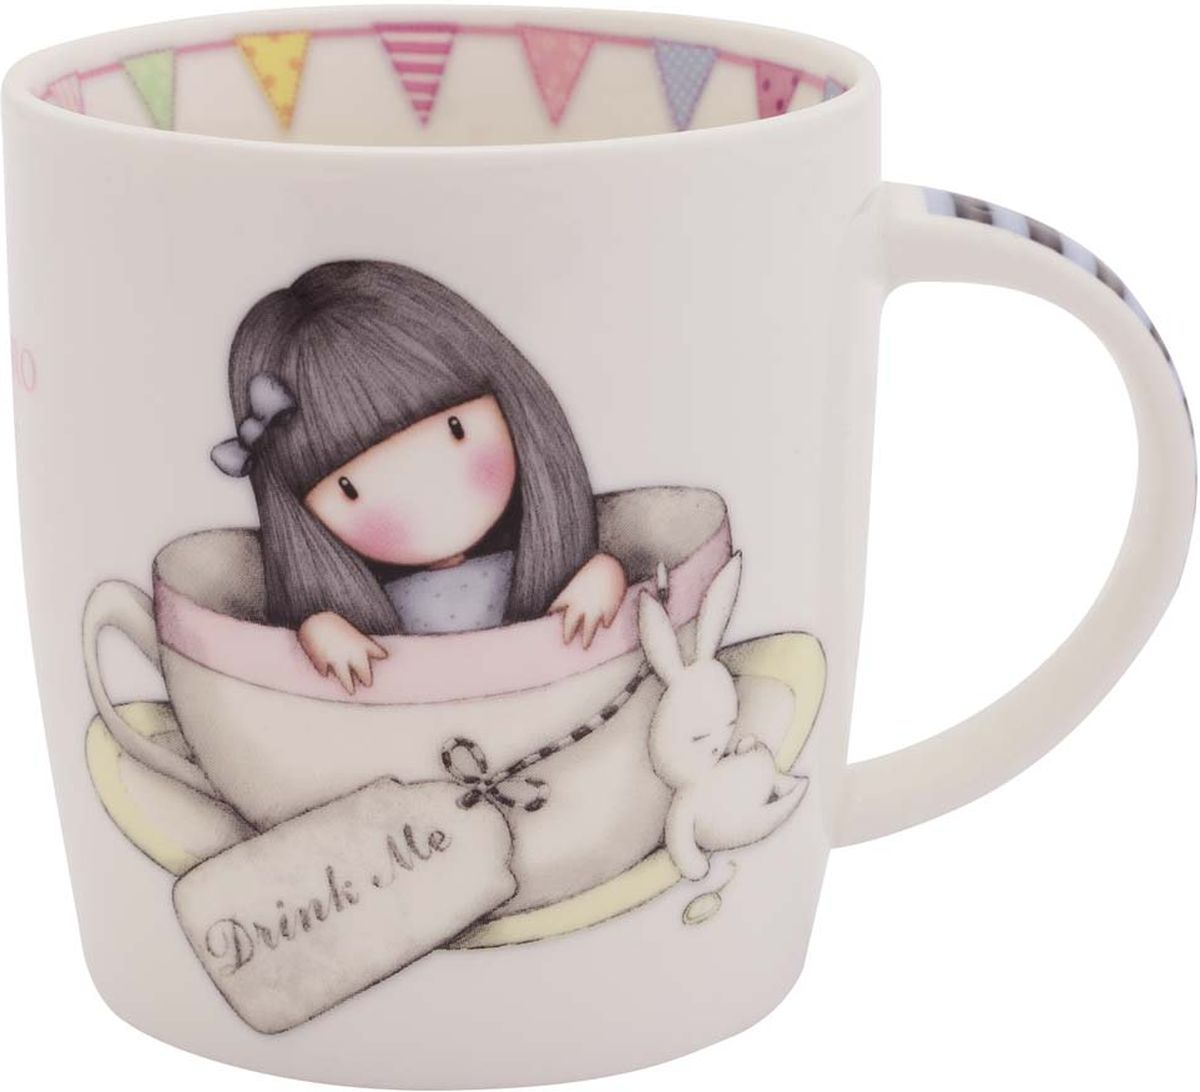 Кружка Santoro London Sweet Tea, цвет: слоновая кость, 250 млMUG028Сказочная кружка Santoro London из костяного фарфора в подарочной упаковке. Настало время настоящего английского чаепития с Gorjuss! Оригинальная кружка для девочек — подарок в британском стиле для любительниц чая, какао и горячего шоколада. Подходит для использования в посудомоечной машине и микроволновке.